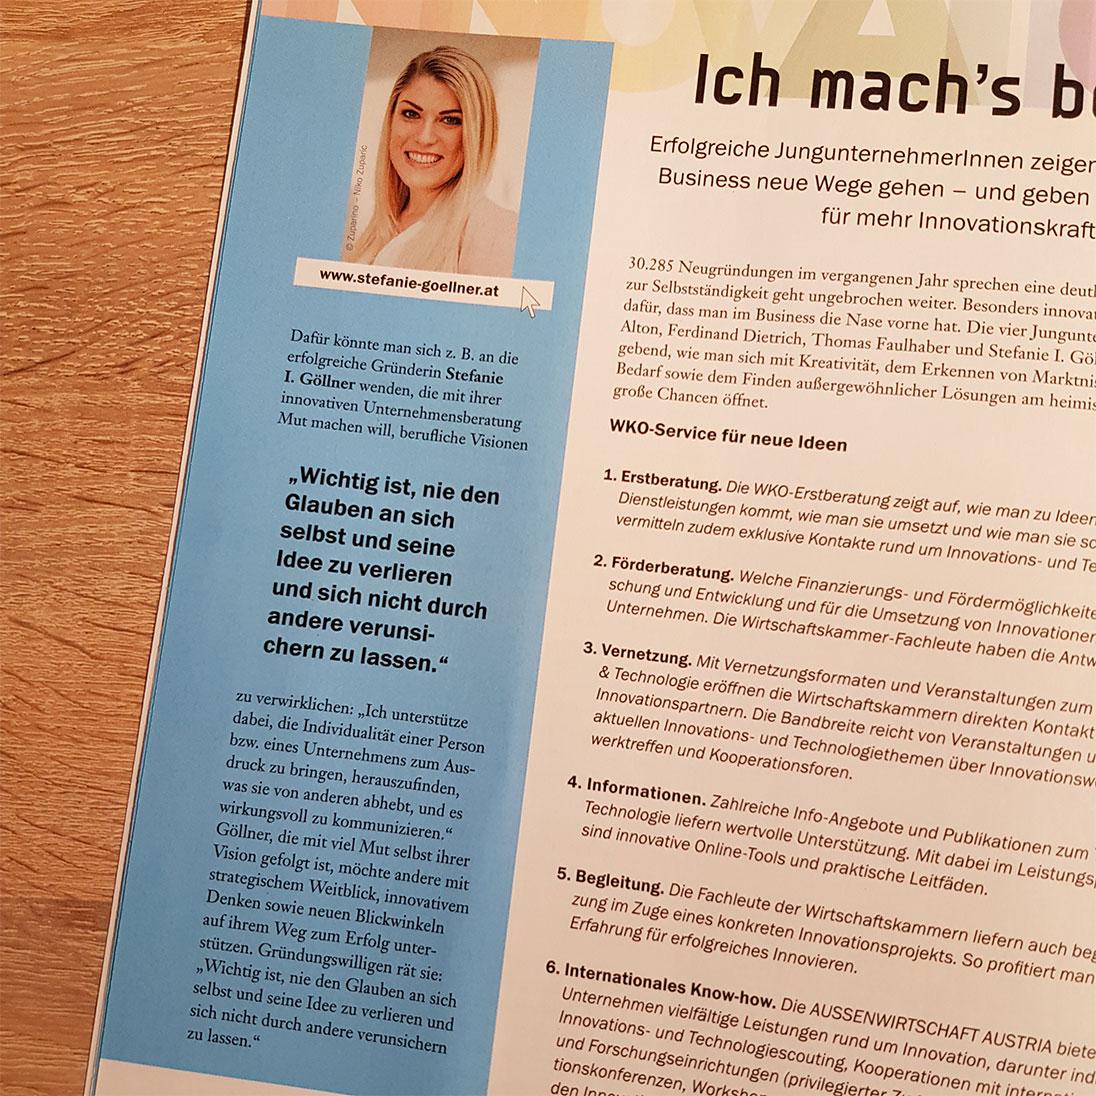 Stefanie Göllner Salzburg Expertin für Corporate Identity, Personal Branding - Beitrag in der Jungen Wirtschaft